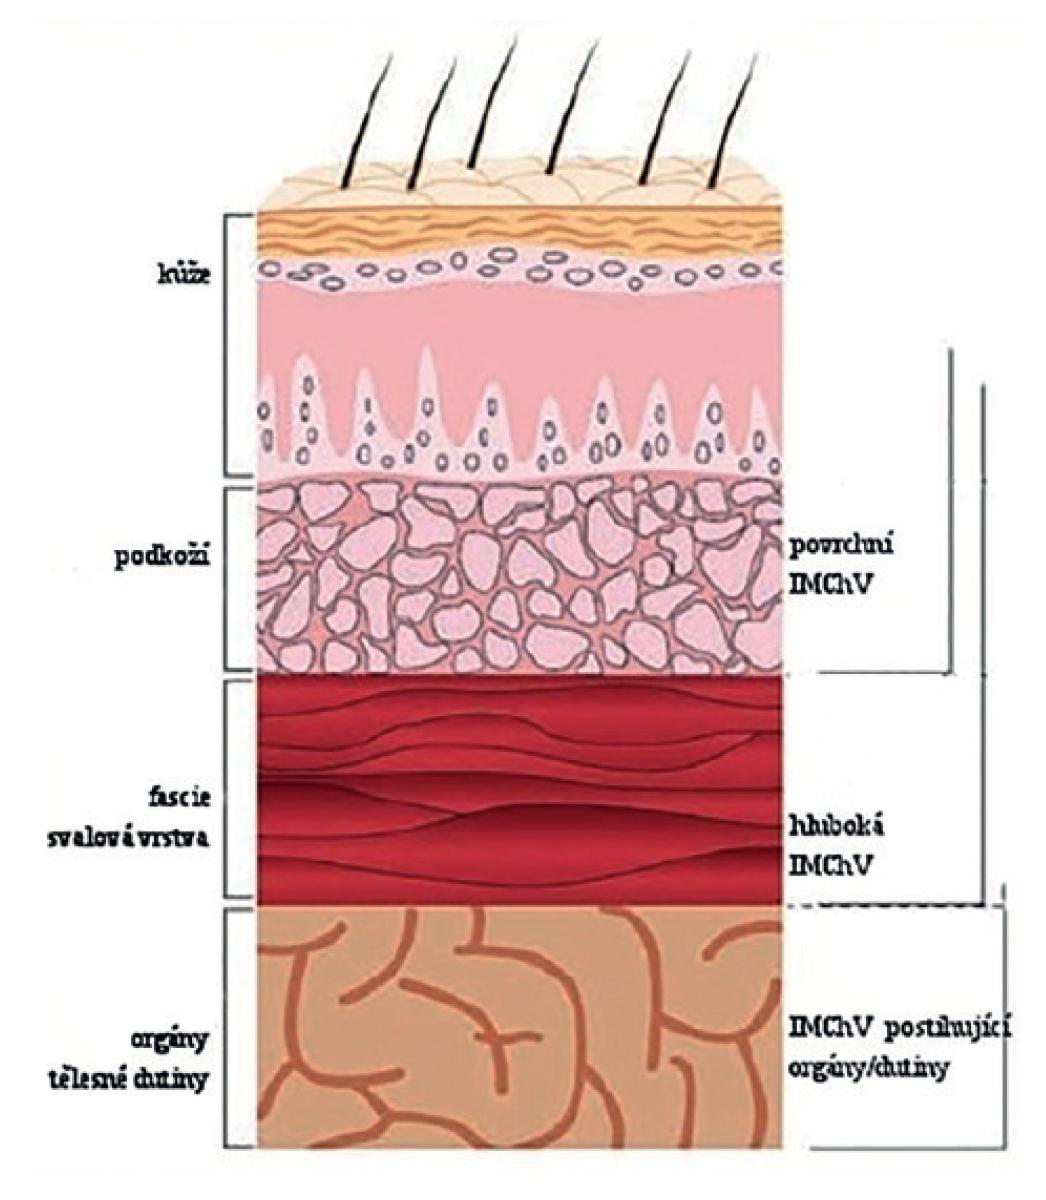 Typy infekcí v místě chirurgického výkonu, převzato z Horan a kol. <br> Fig. 1: Surgical site infection types, adapted from Horan et al.